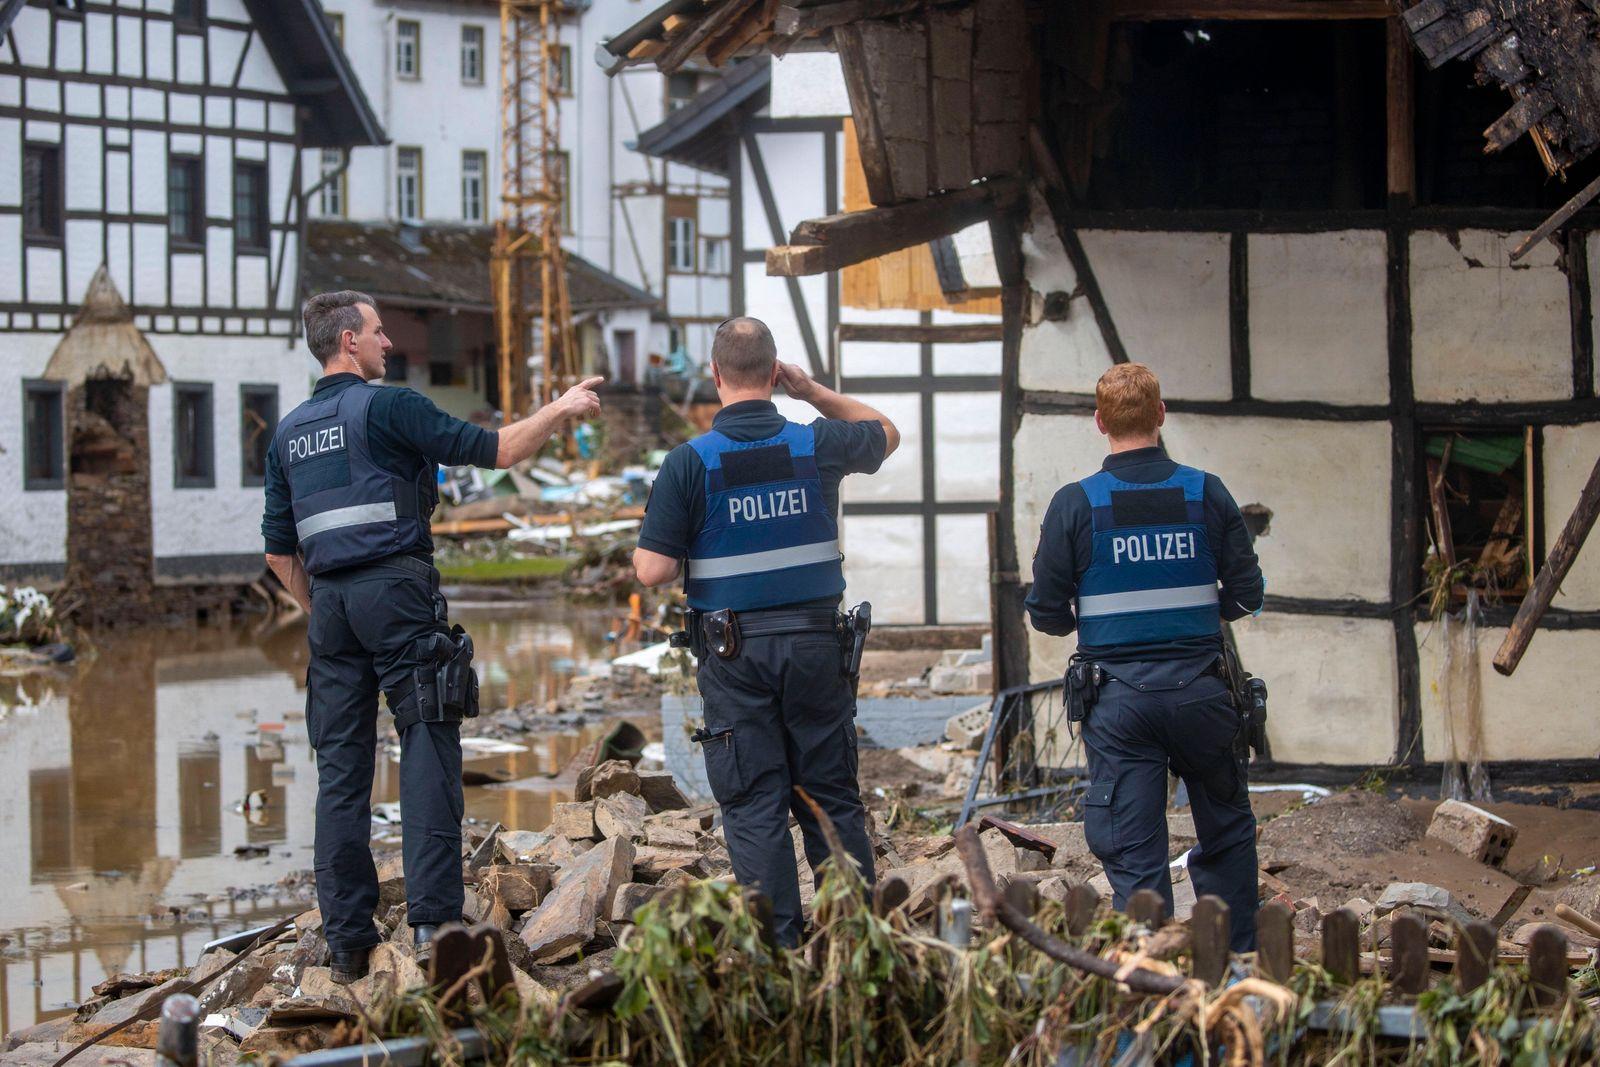 15.07.2021 , Rheinland-Pfalz , Eifel , Verwüstungen durch das Hochwasser der Ahr in dem Eifel-Ort Schuld im Ahrtal anger